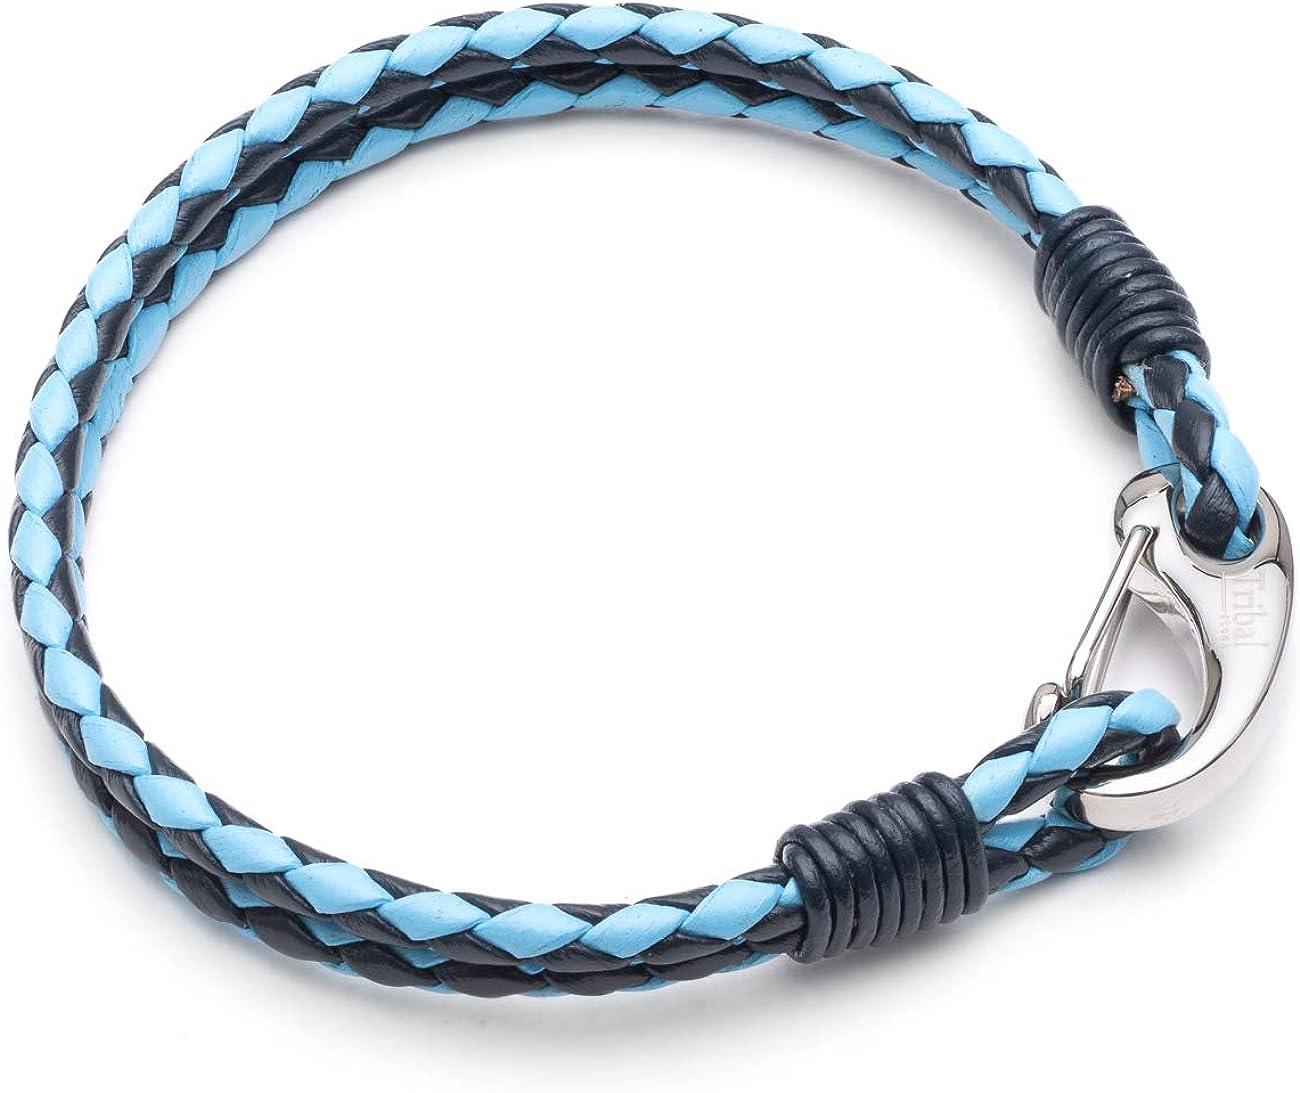 Tribal Steel - Pulsera de piel trenzada de 3 mm para hombre, color azul, 2 cuerdas, cierre de camarón de acero inoxidable, 21 cm con cierre seguro fácil de usar, gran regalo por Tribal Steel